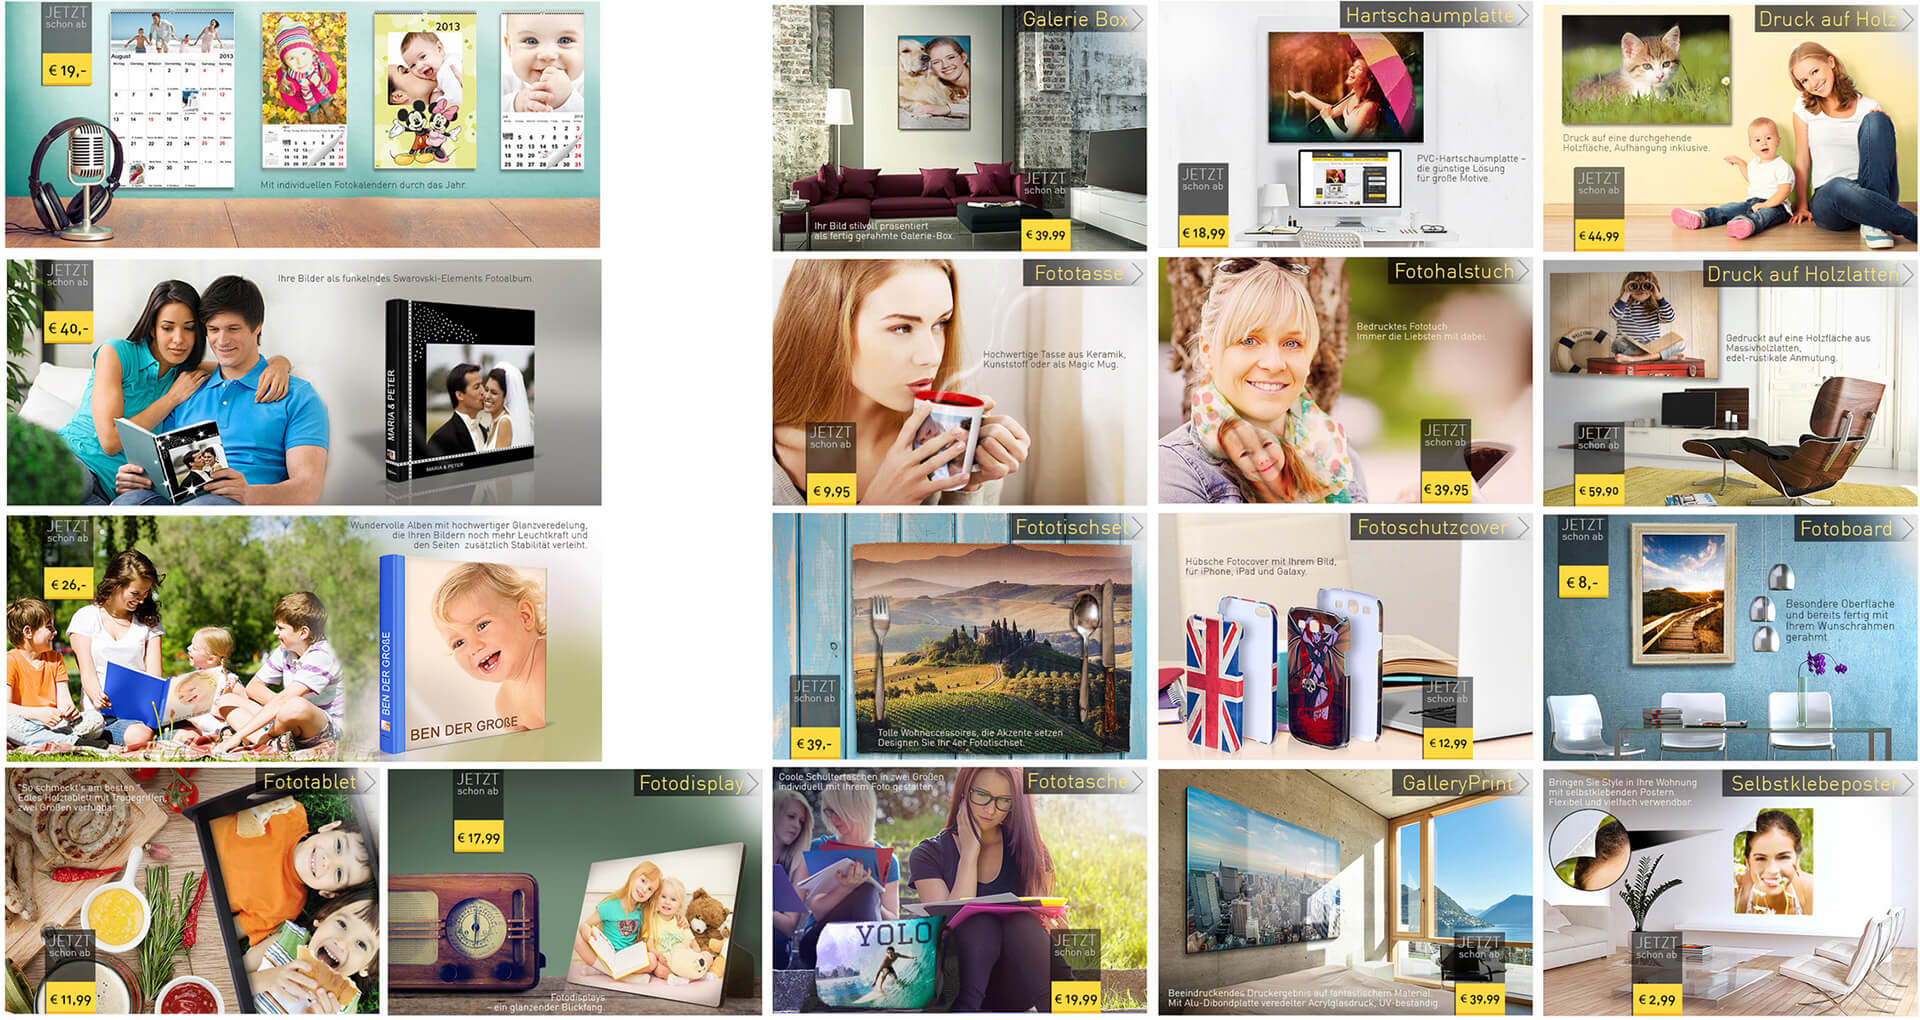 webdesign online marketing responsive wordpress html5 css newsletter banner 21